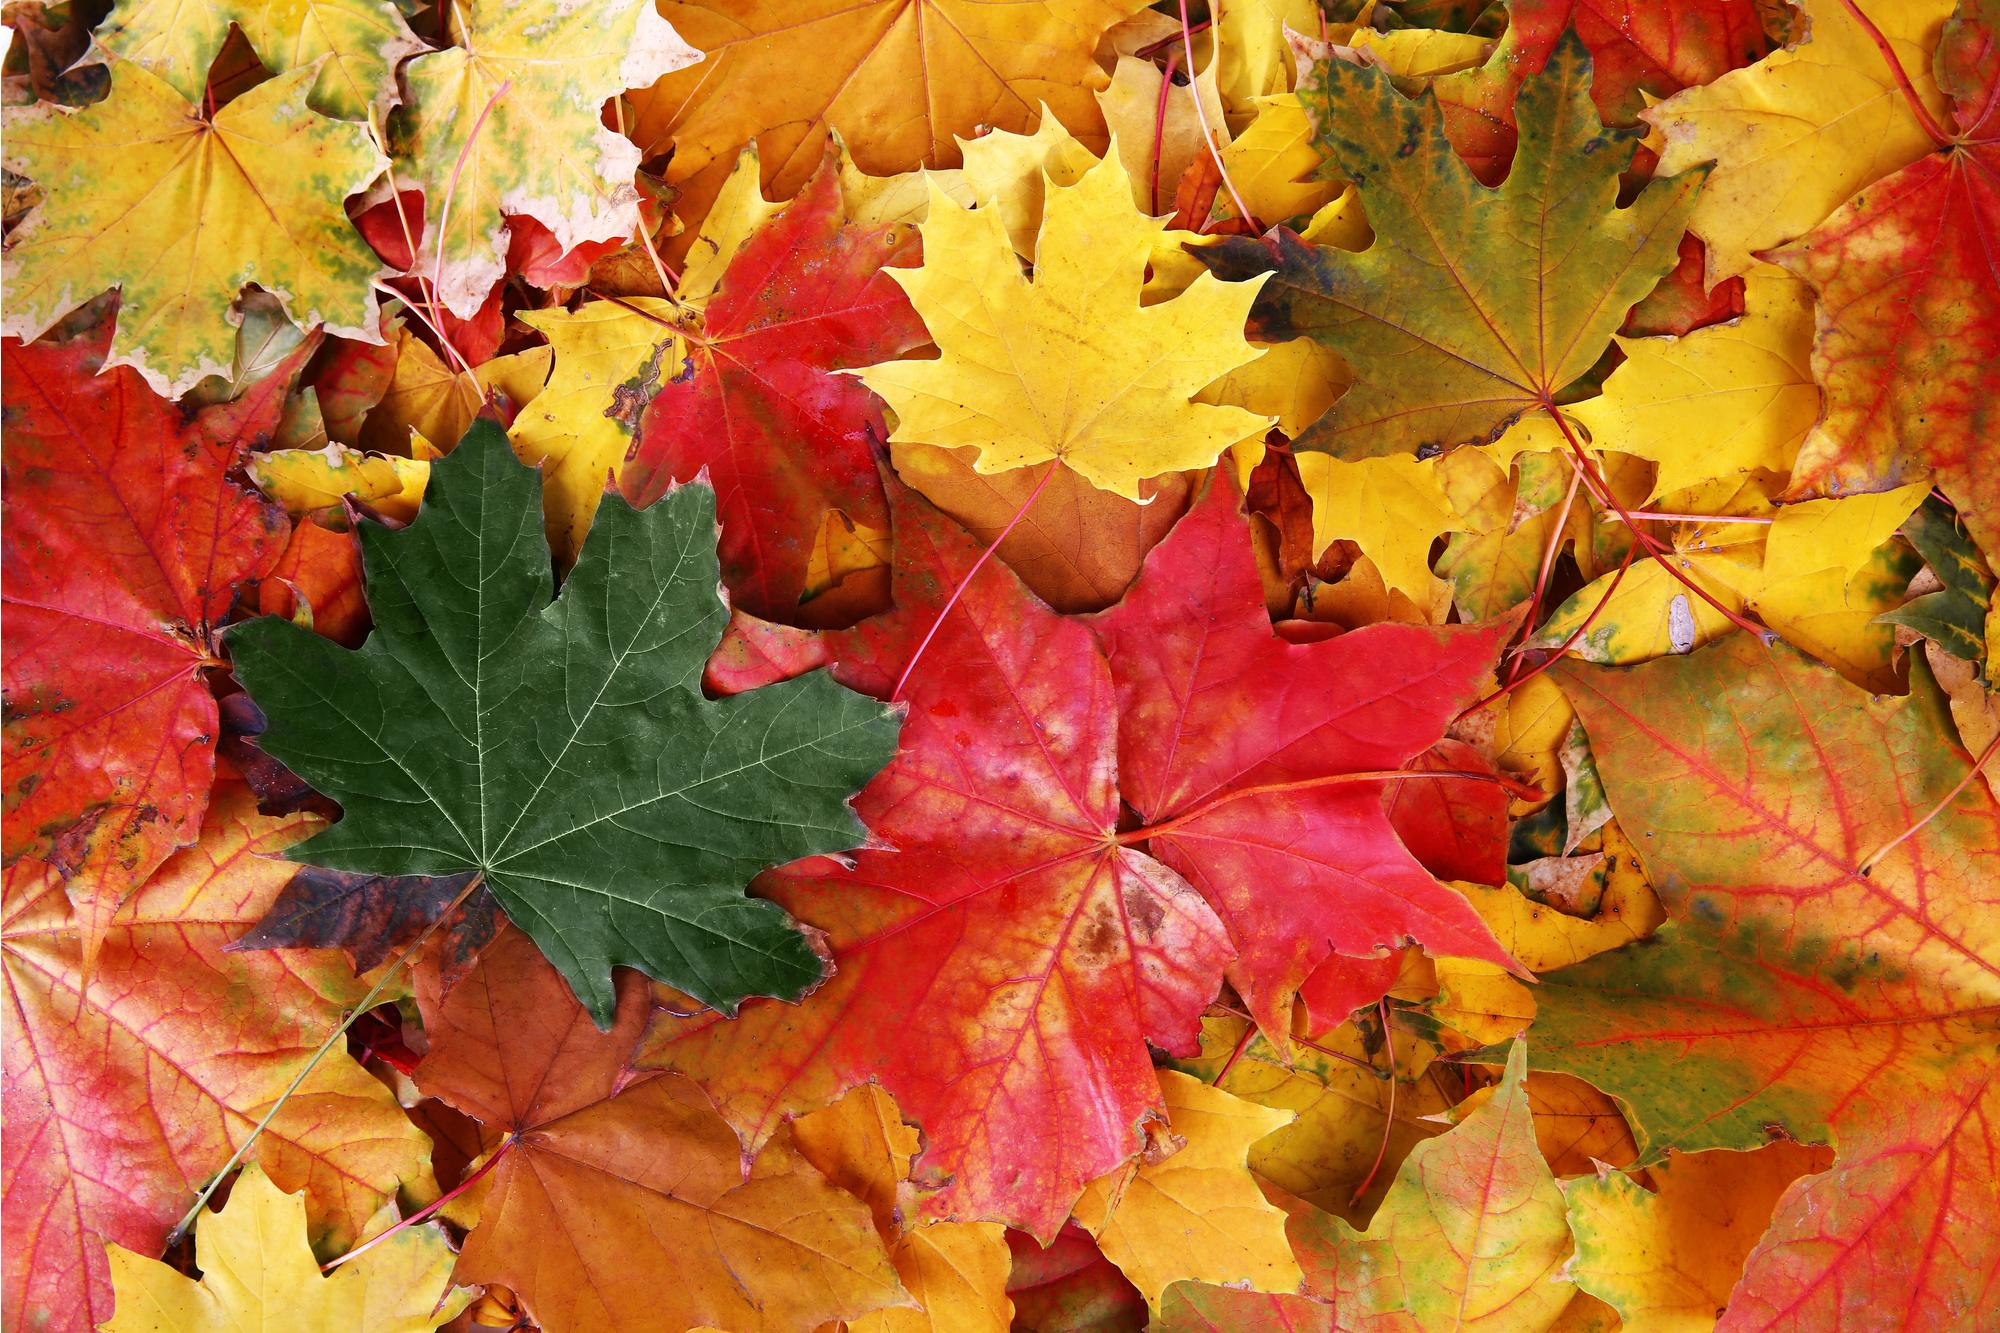 أوراق القيقب في فصل الخريف